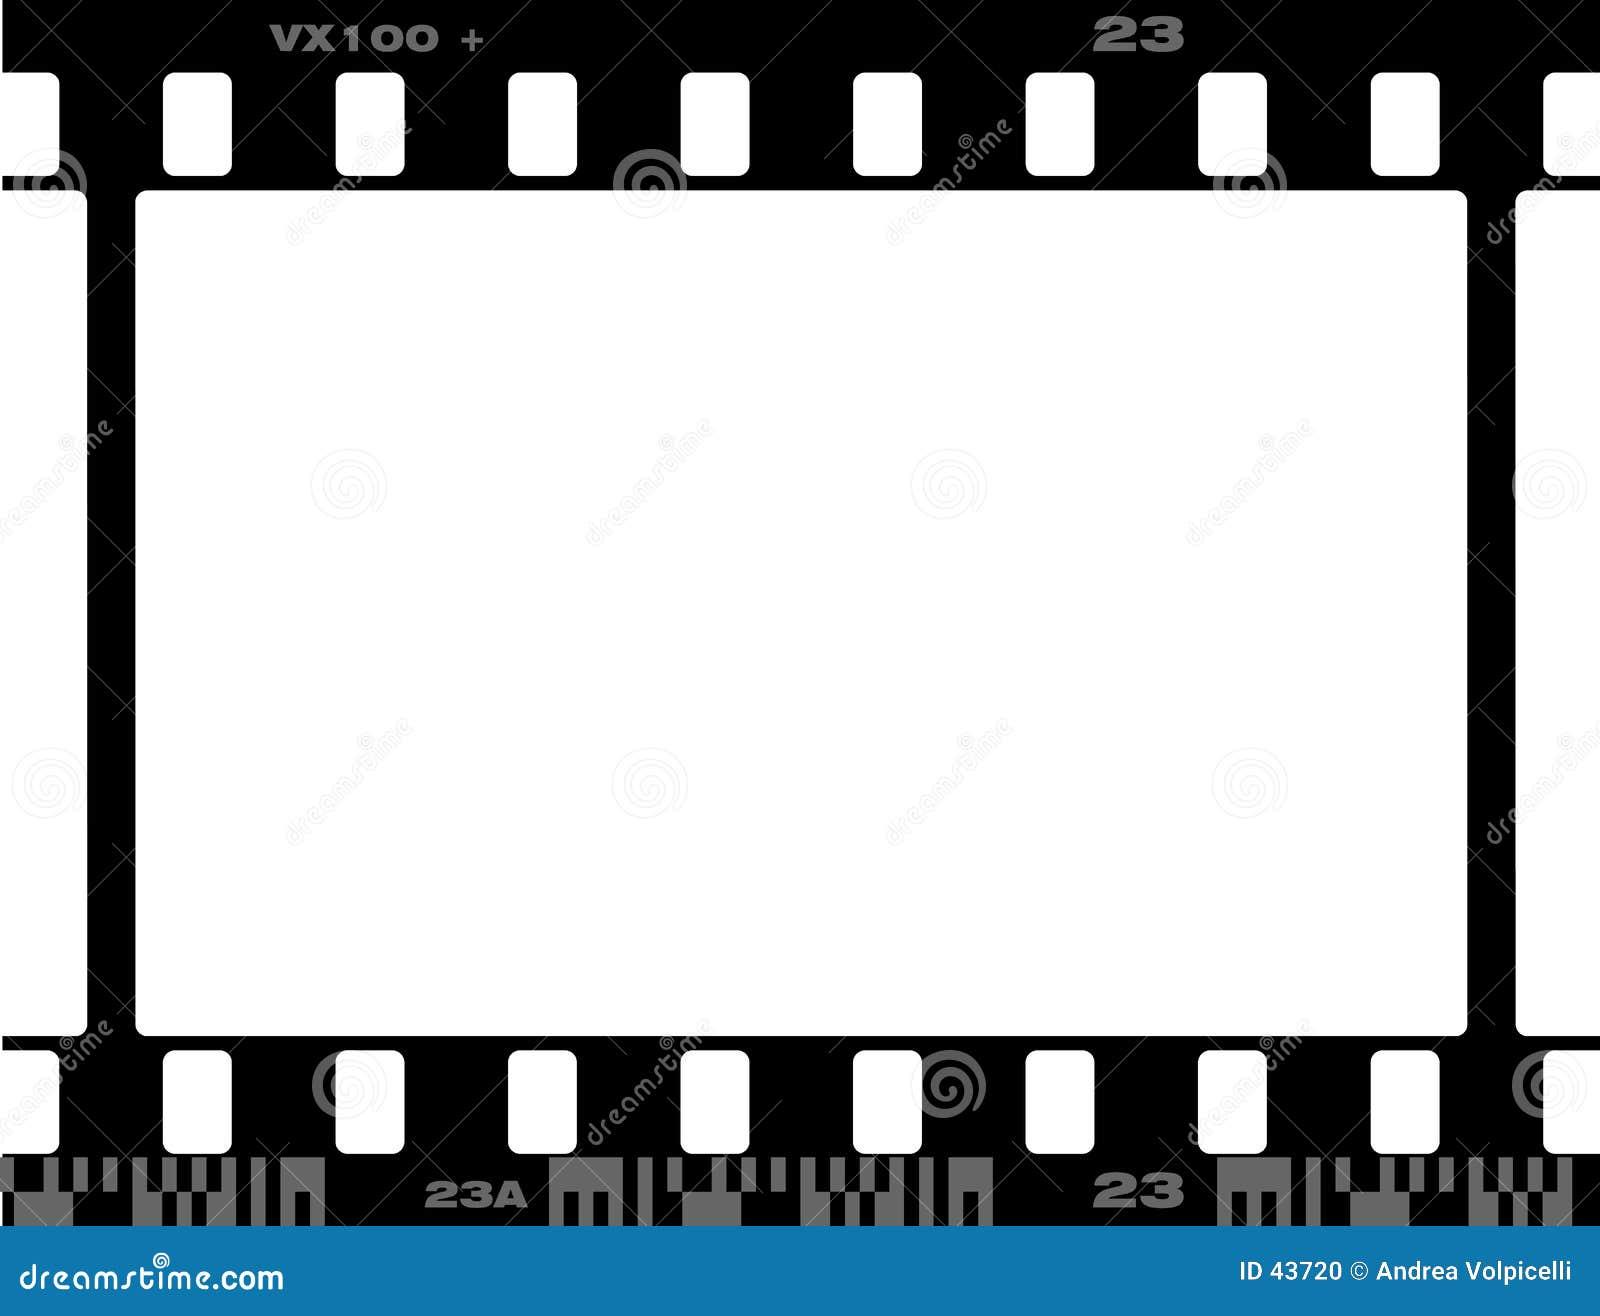 35 Millimeter-Feld